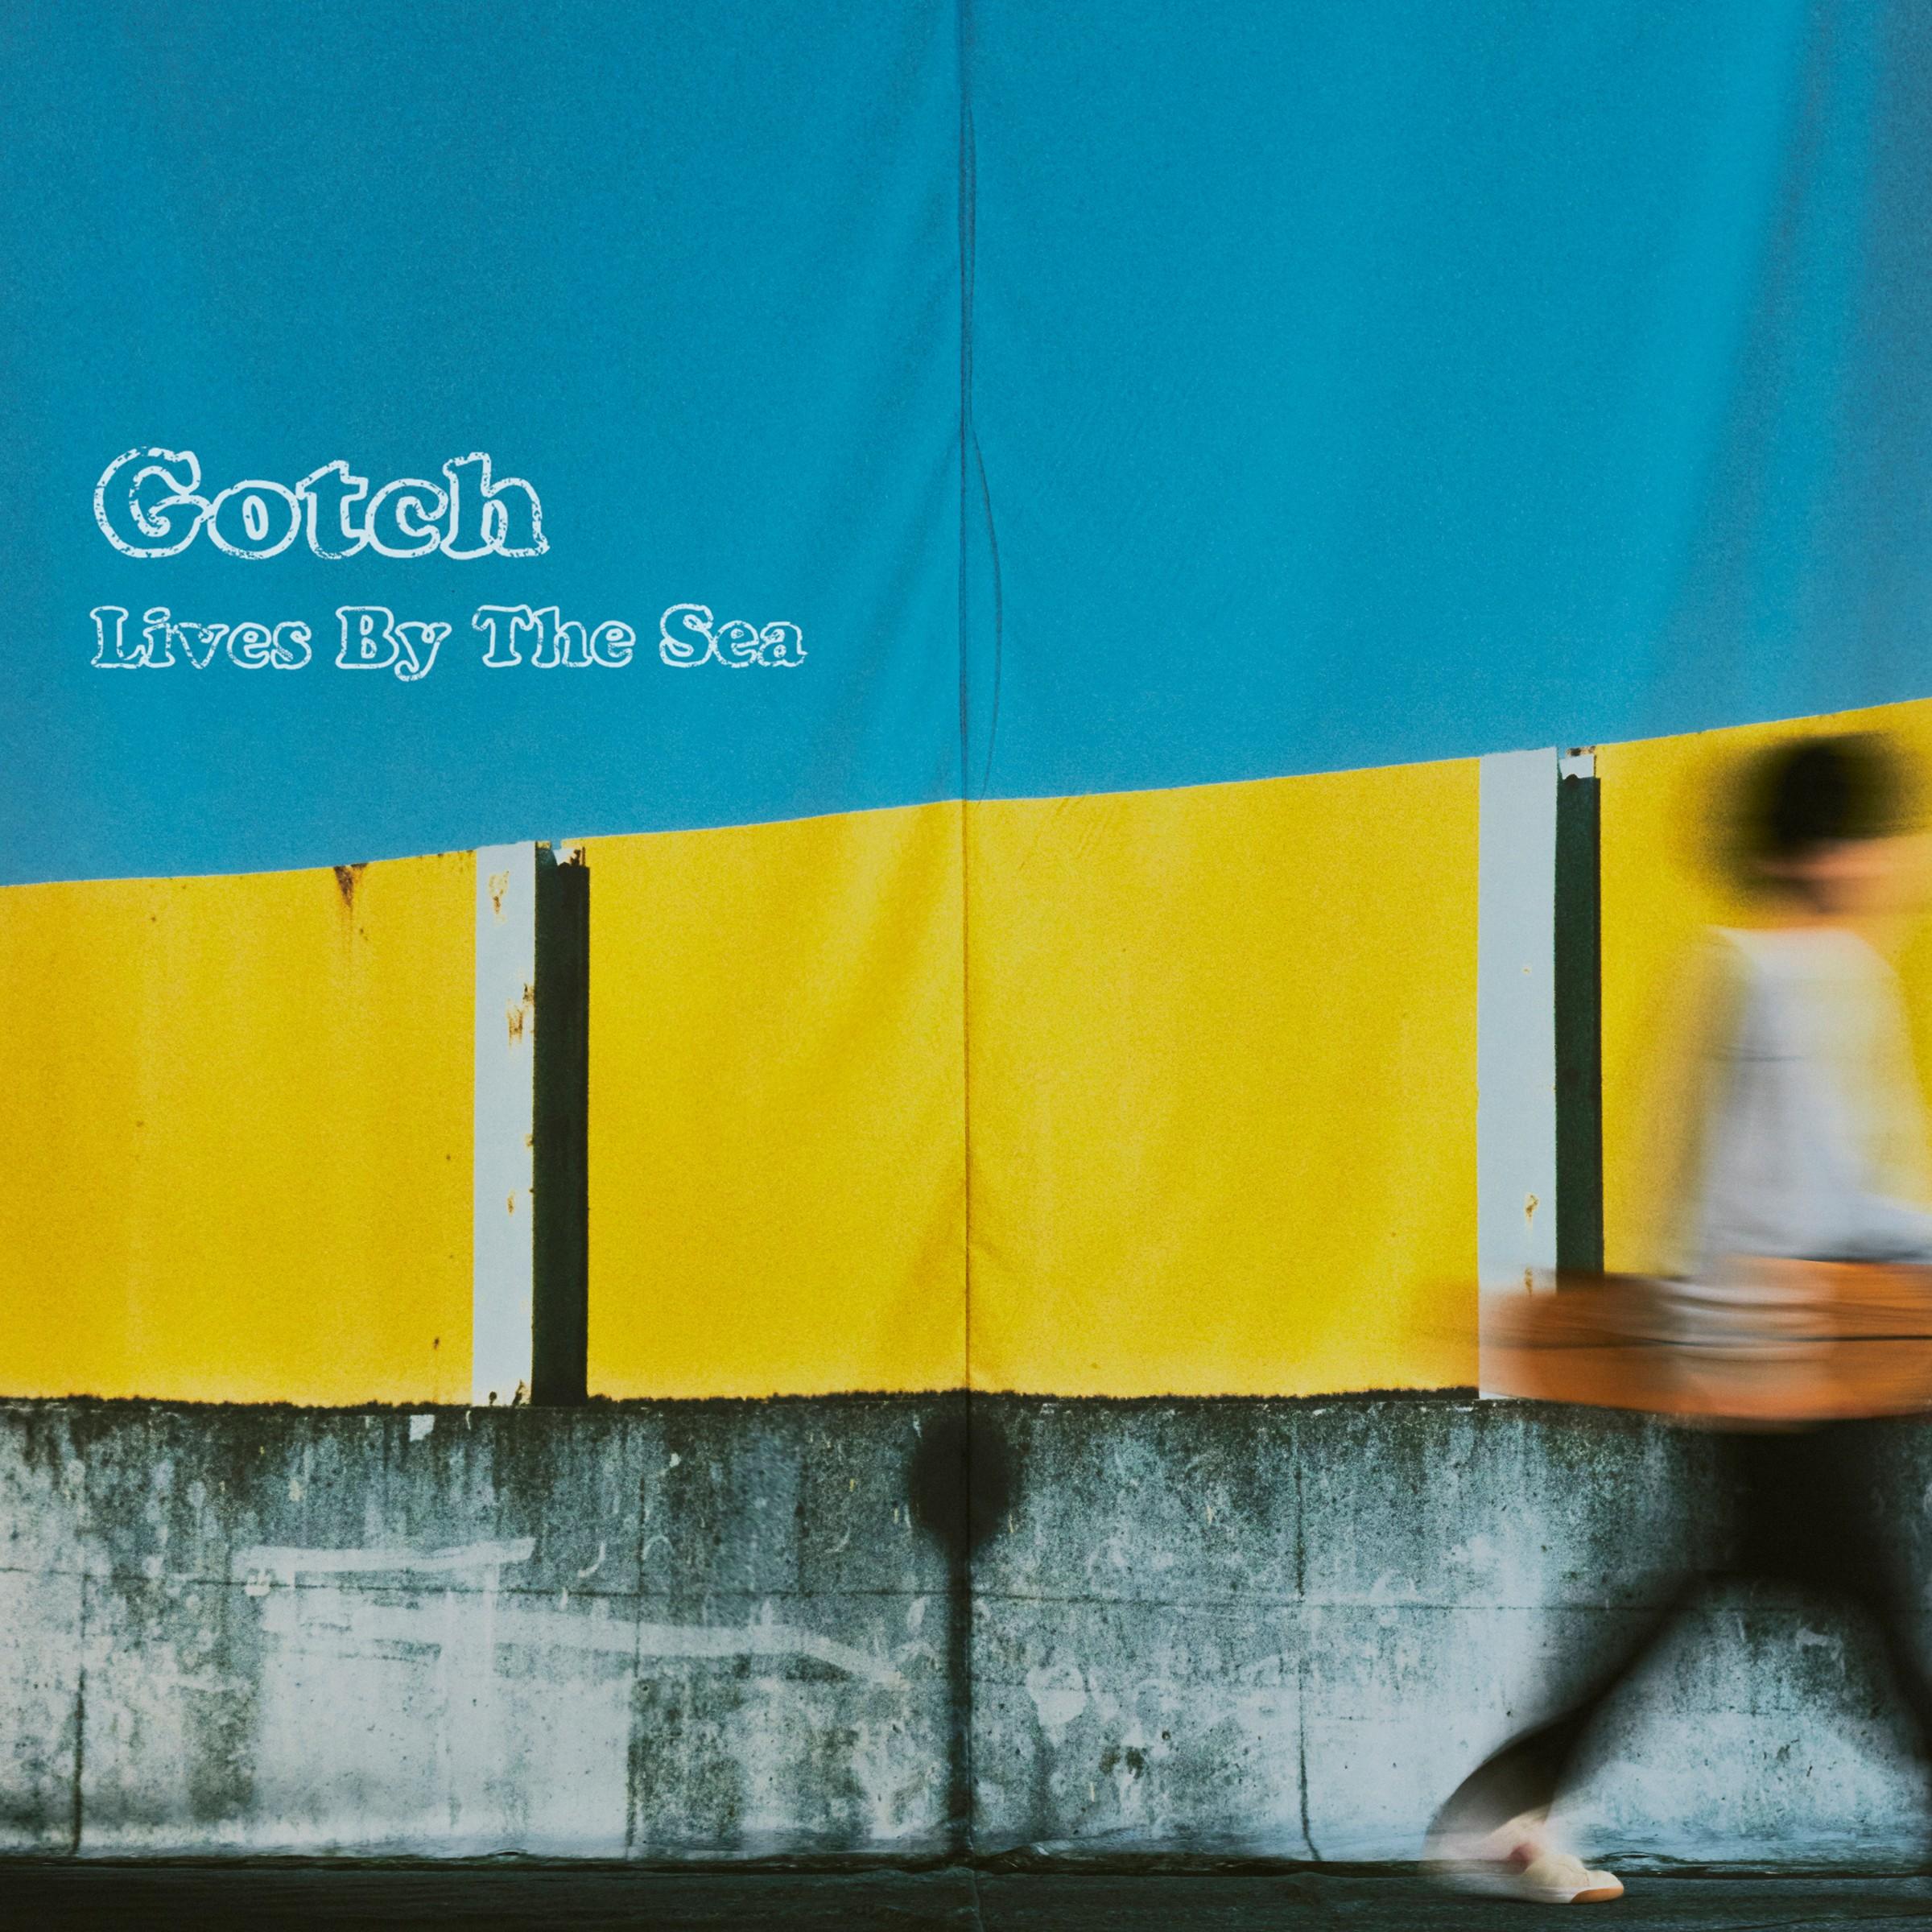 後藤正文 (Gotch) – Lives By The Sea [Ototoy FLAC 24bit/96kHz]